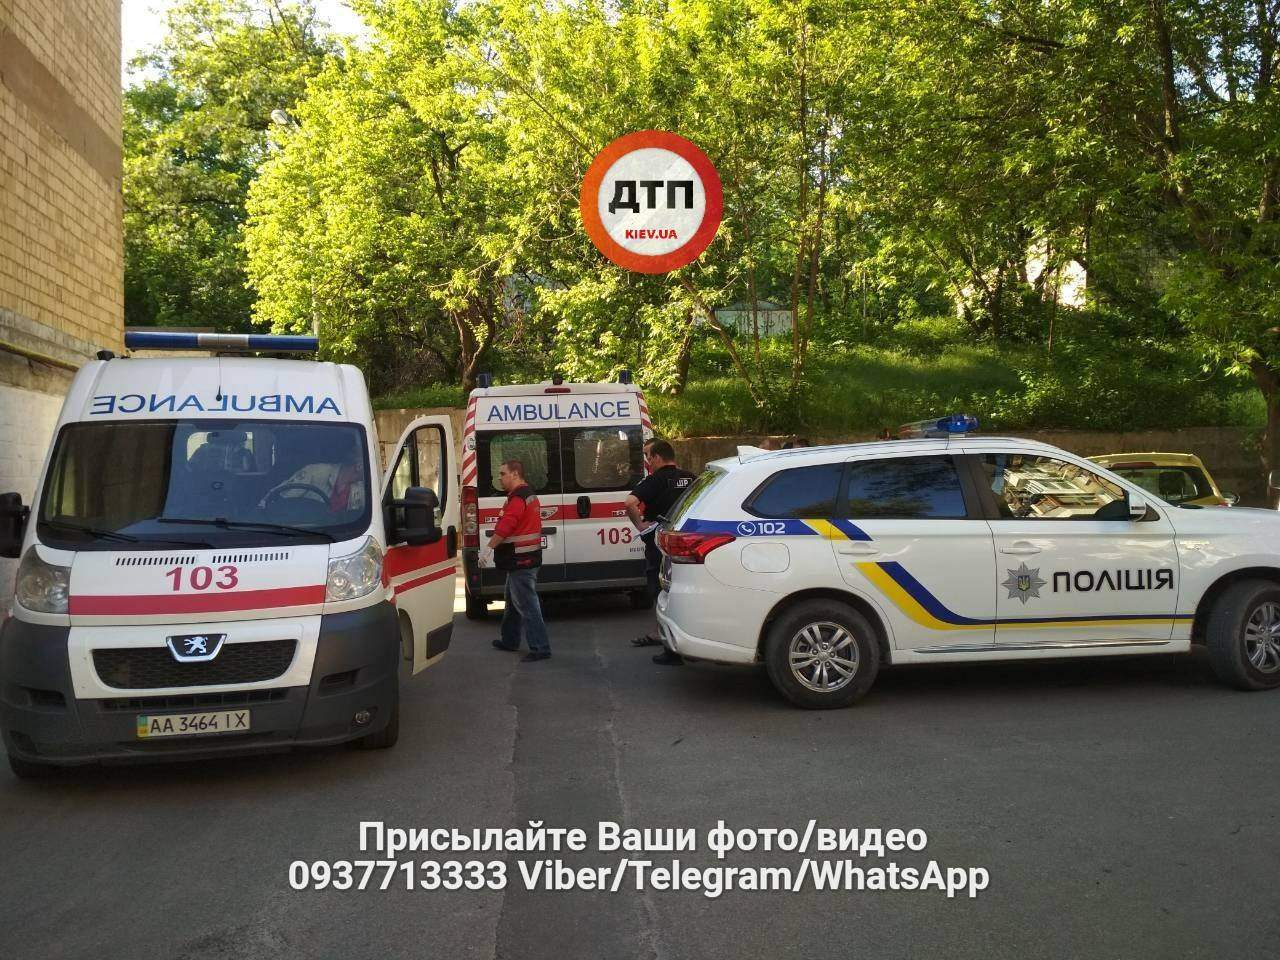 В Киеве из автомобиля выбросили мужчину с передозировкой: введен план